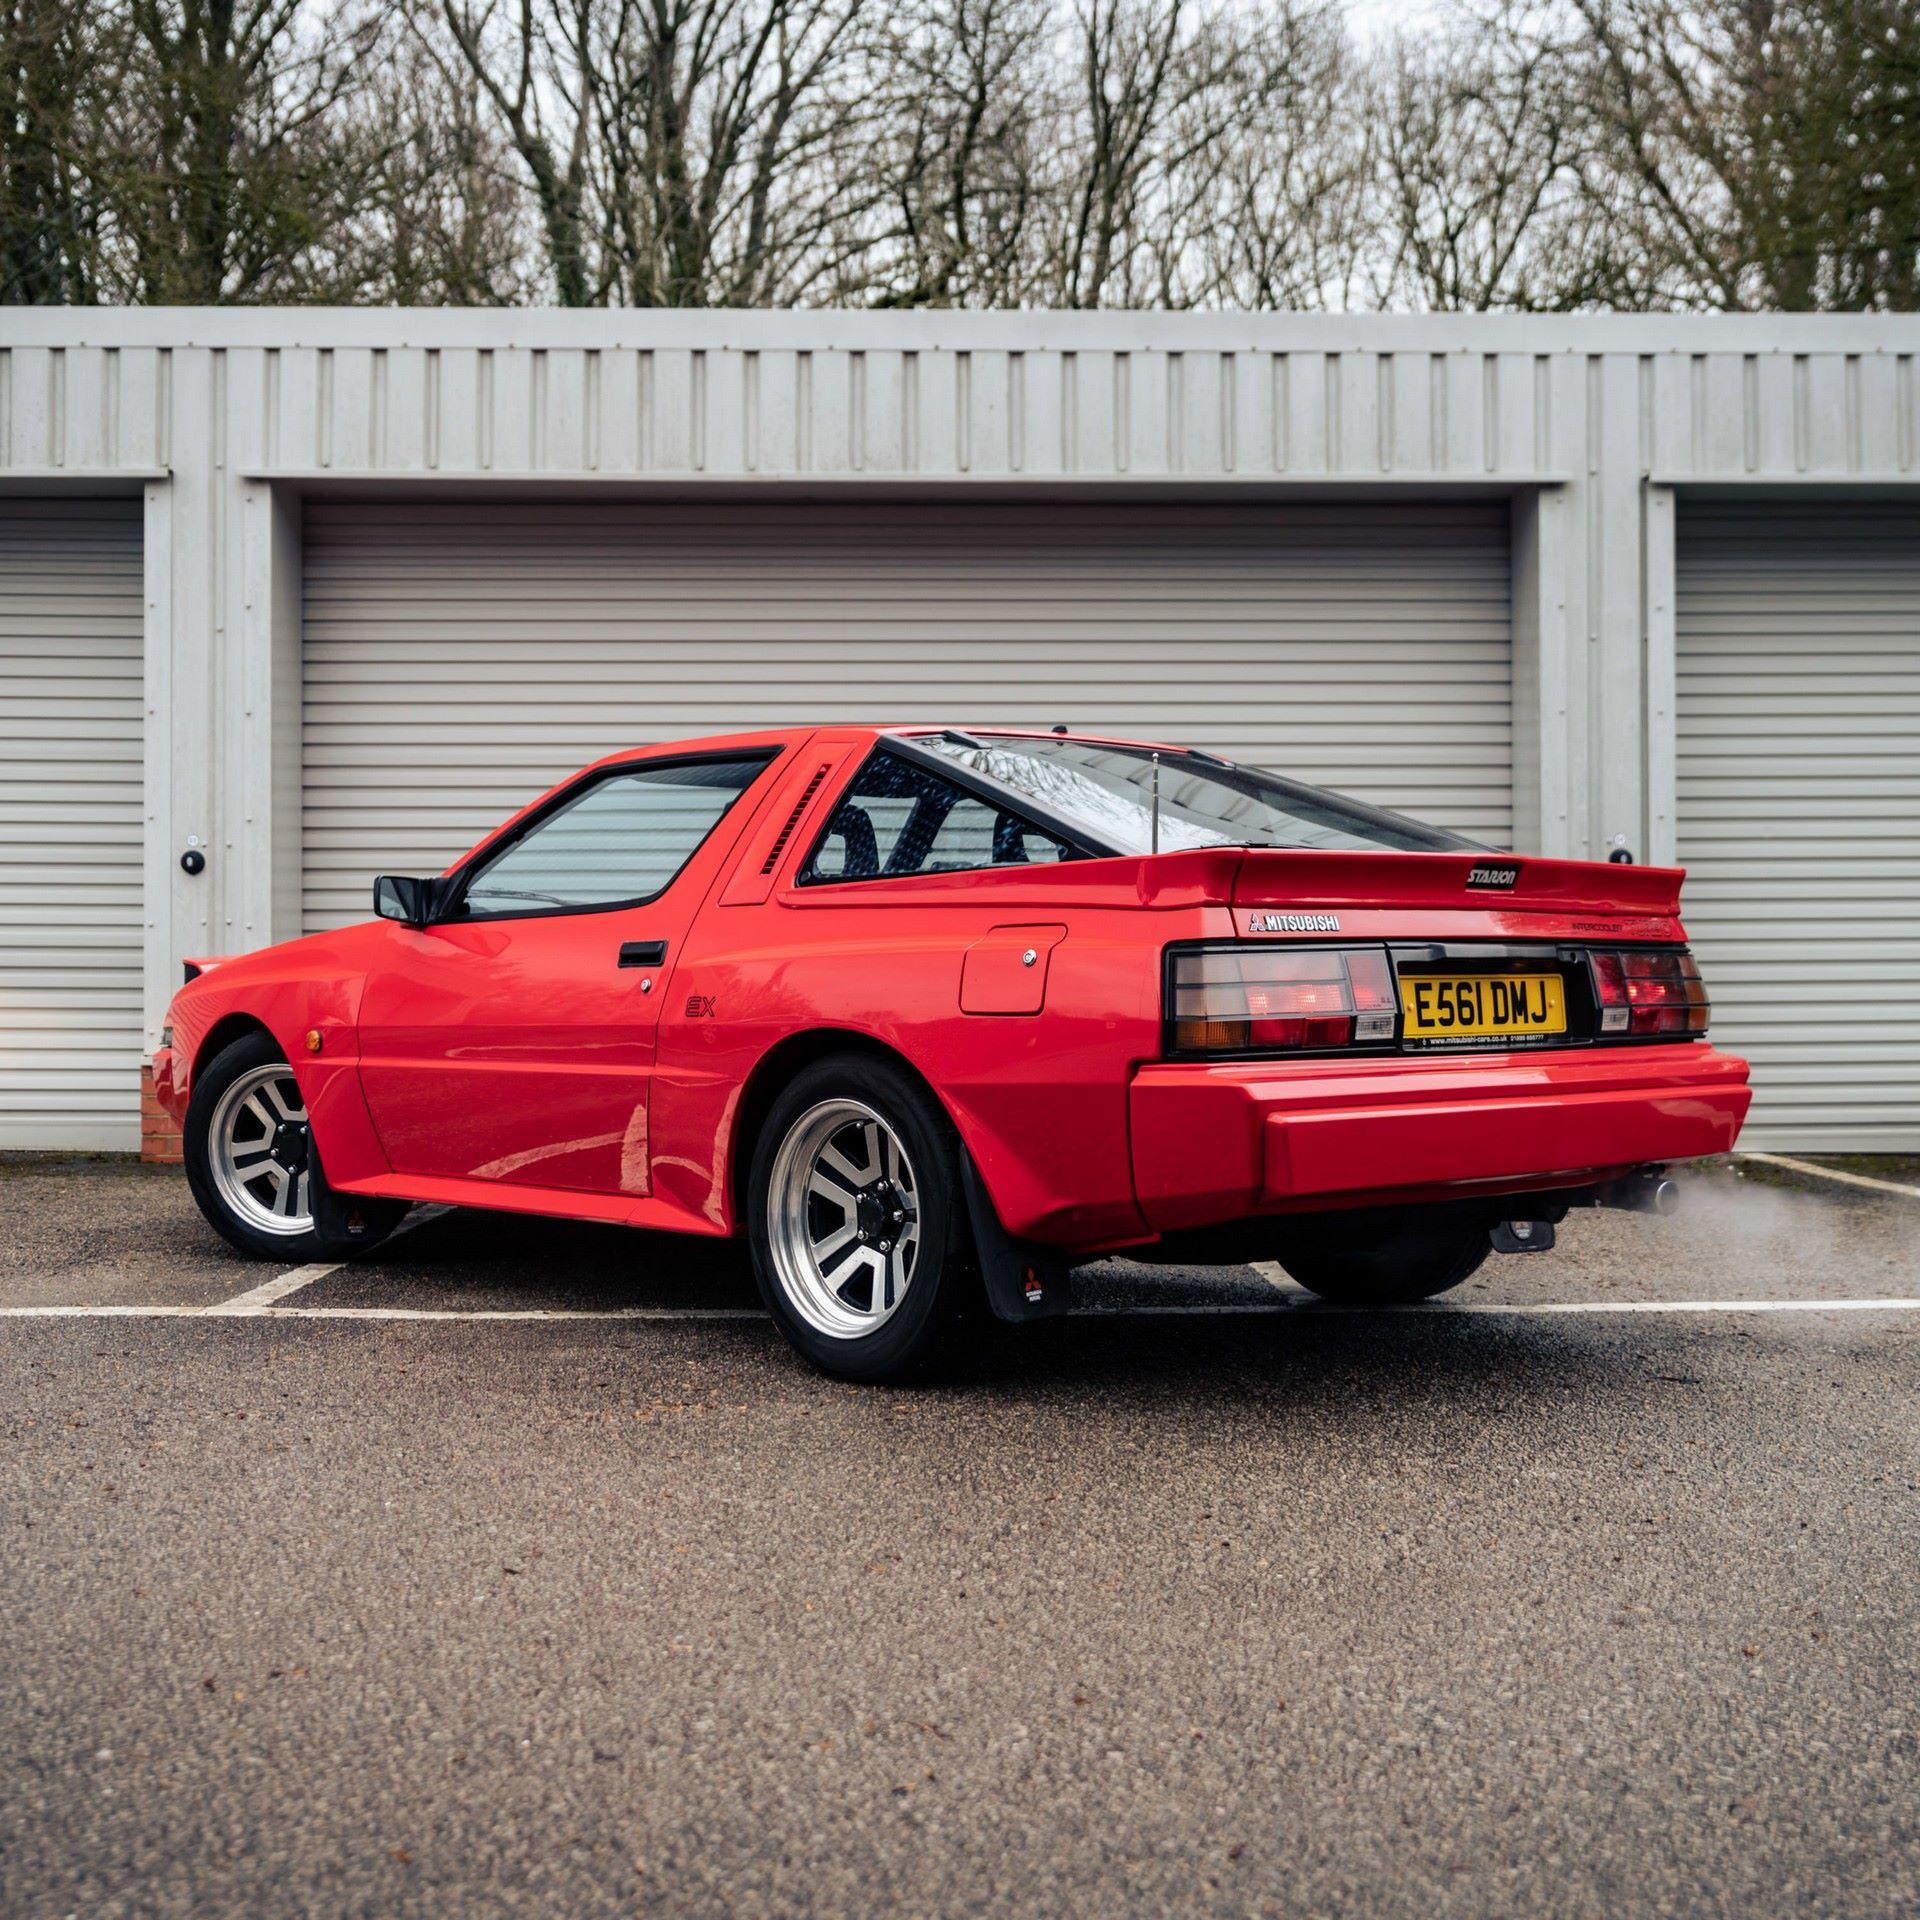 Mitsubishi-UK-fleet-auction-62